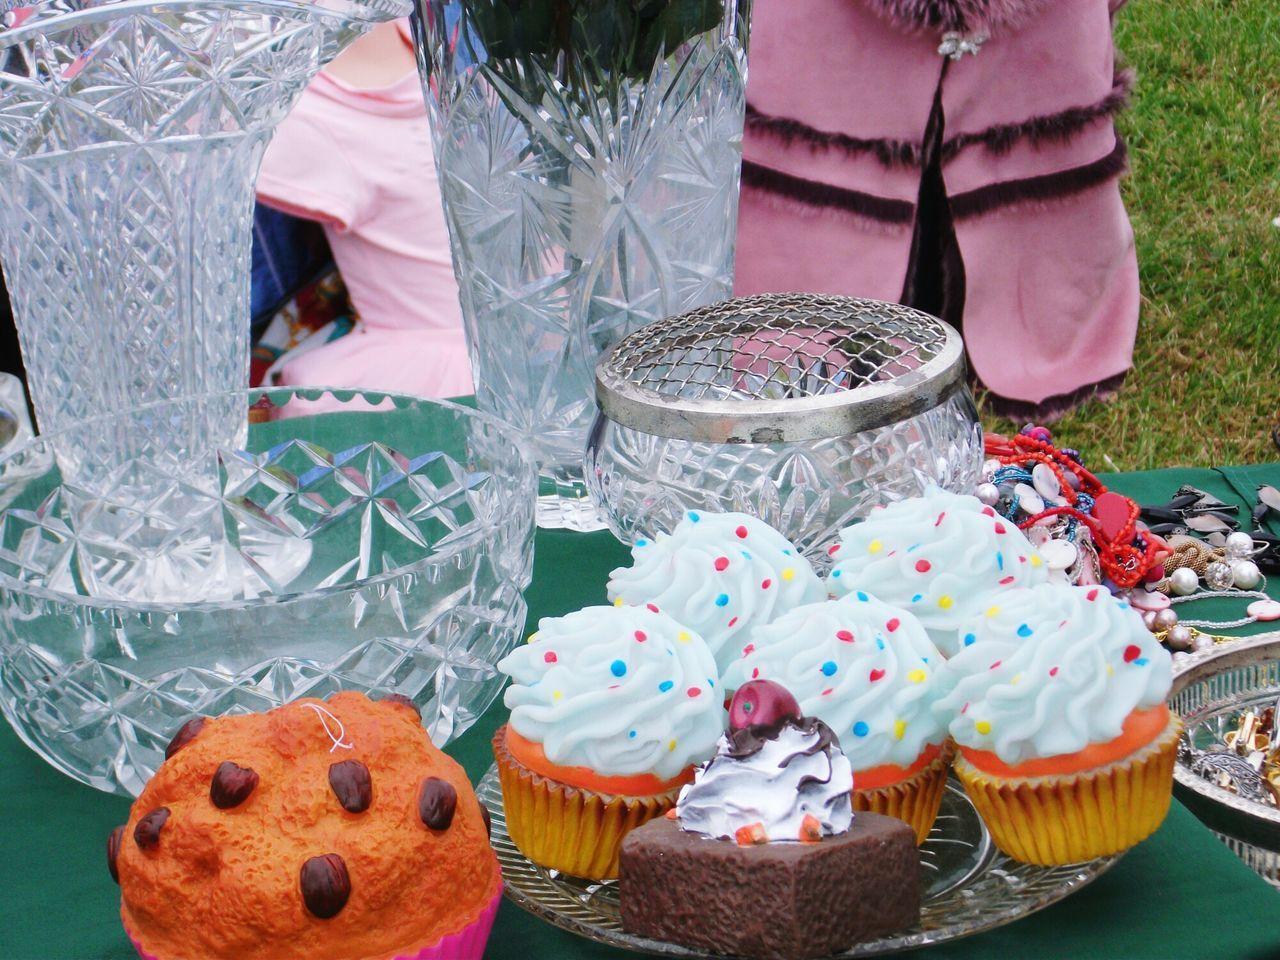 Car Boot Sale Brocante Prix Prices Bijoux Fantaisie Jewelry Fantasies Gateaux Cake♥ Vase En Cristal Crystal Vase Colors LONDON❤